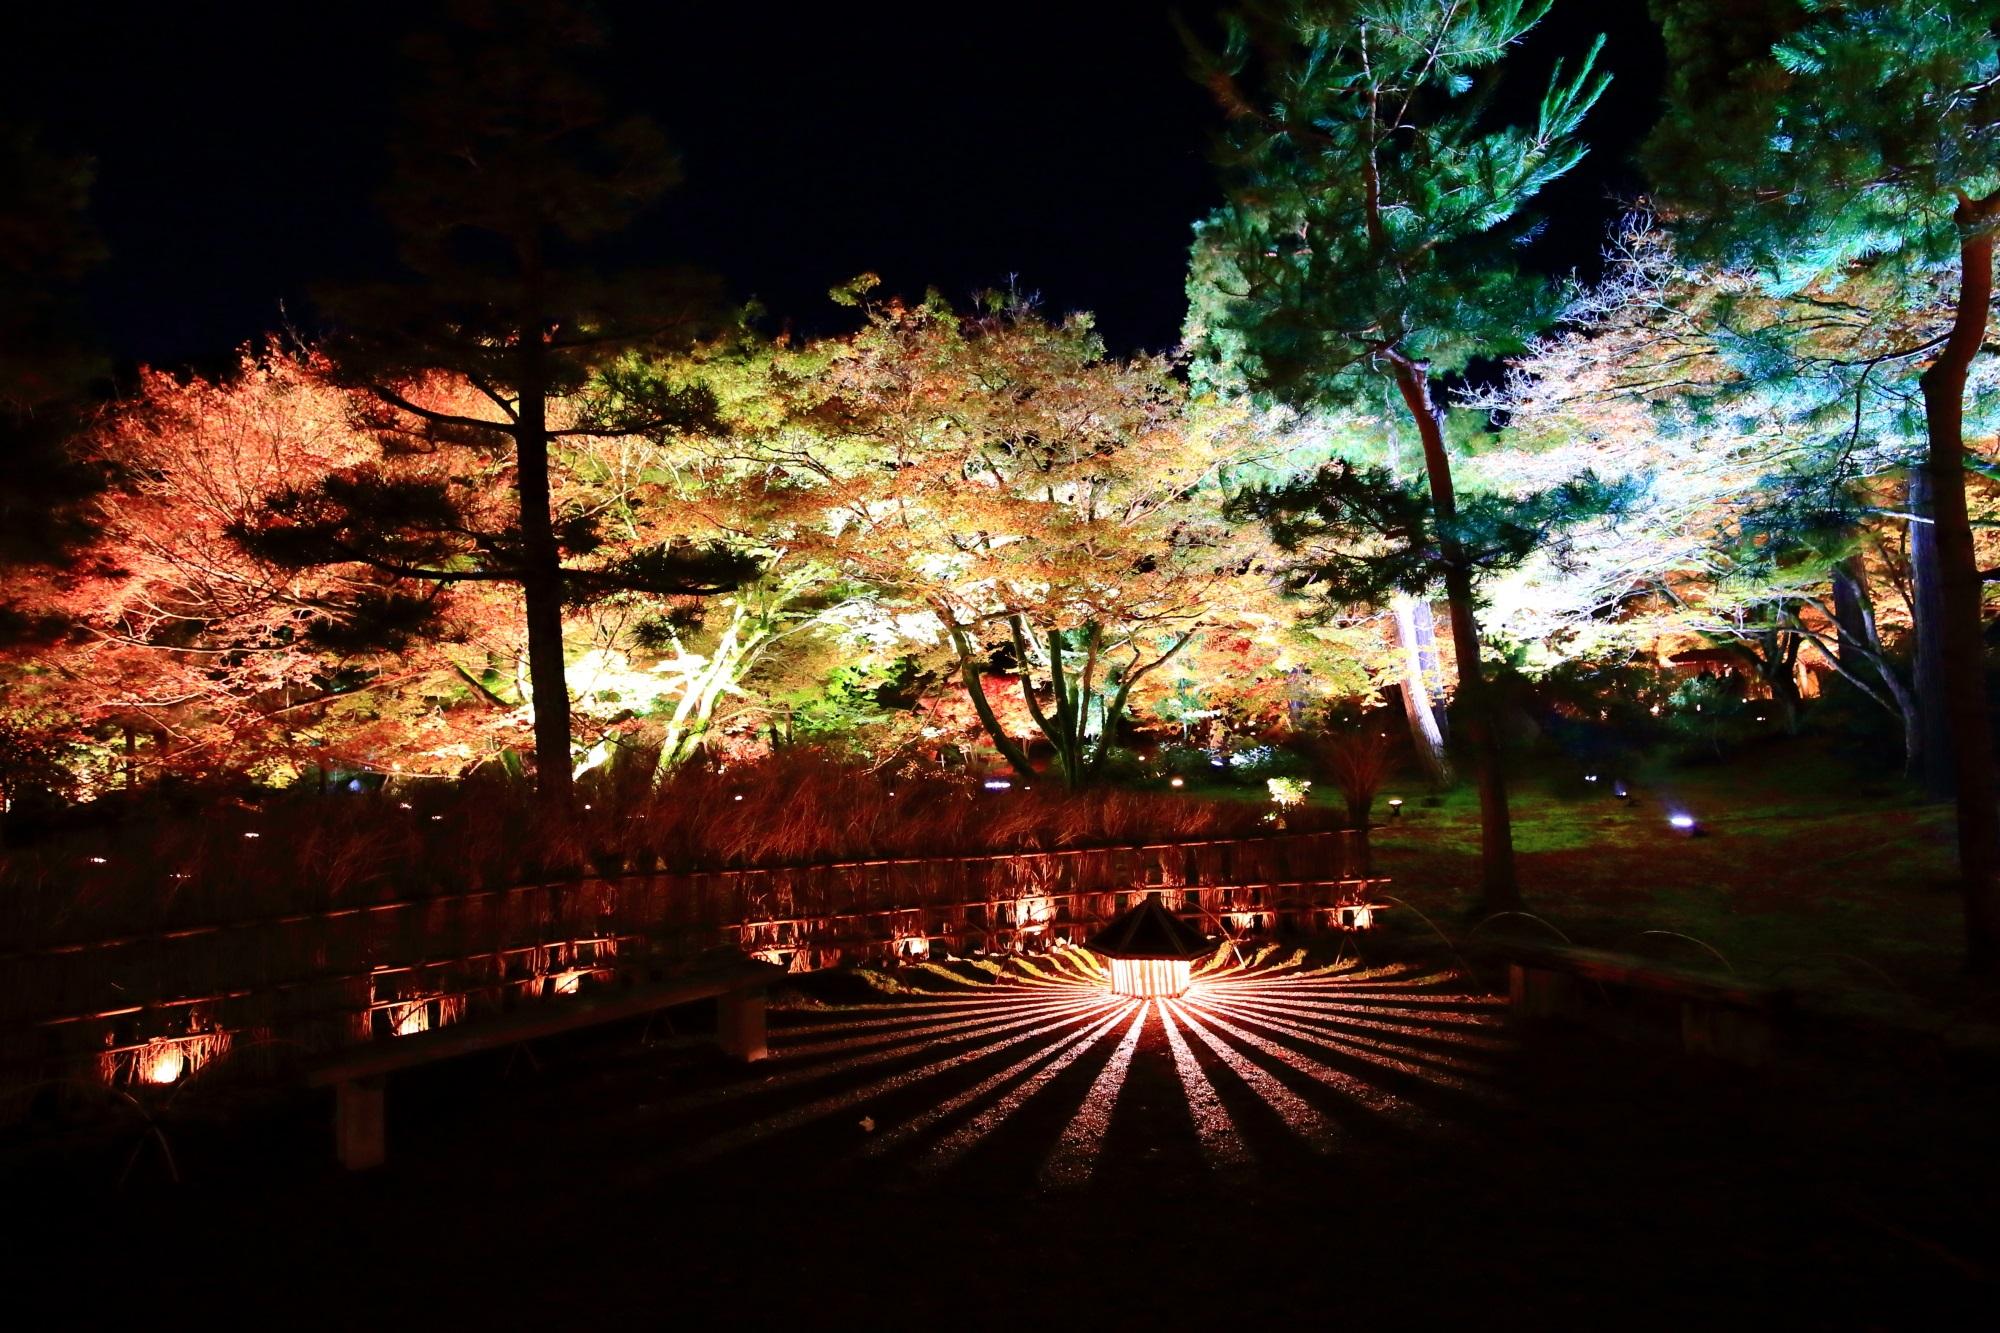 もみじの名所の天龍寺塔頭宝厳院の獅子吼の庭の紅葉ライトアップ